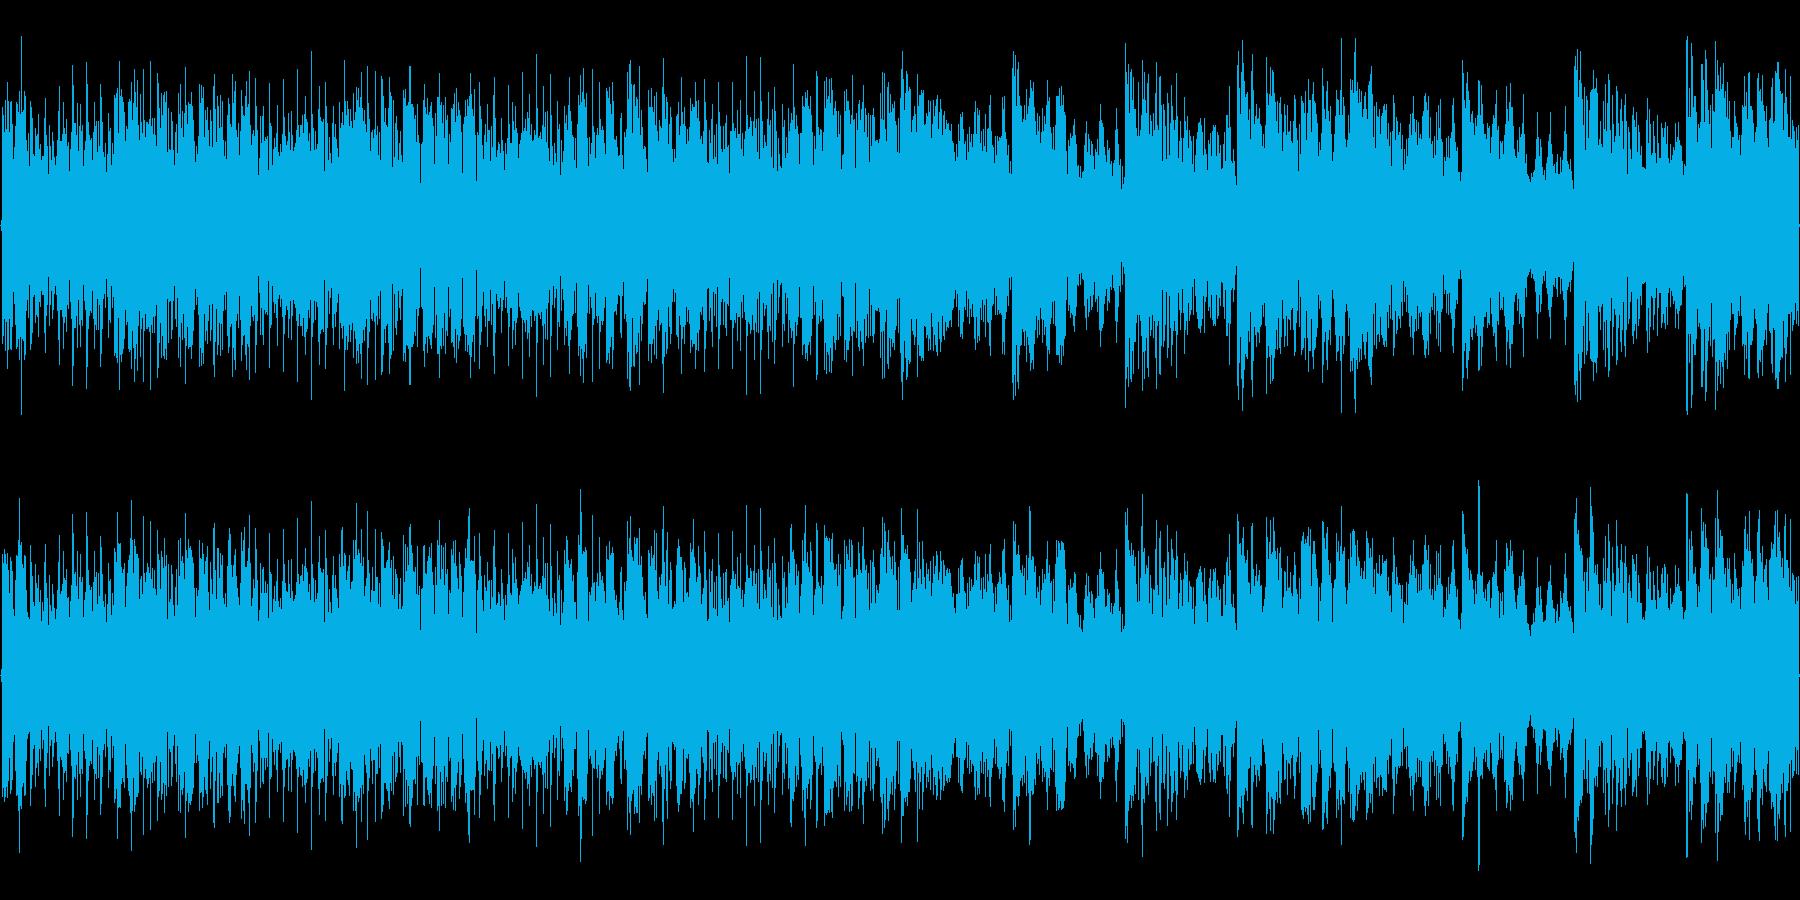 戦闘シーンを意識したストリングス中心の曲の再生済みの波形